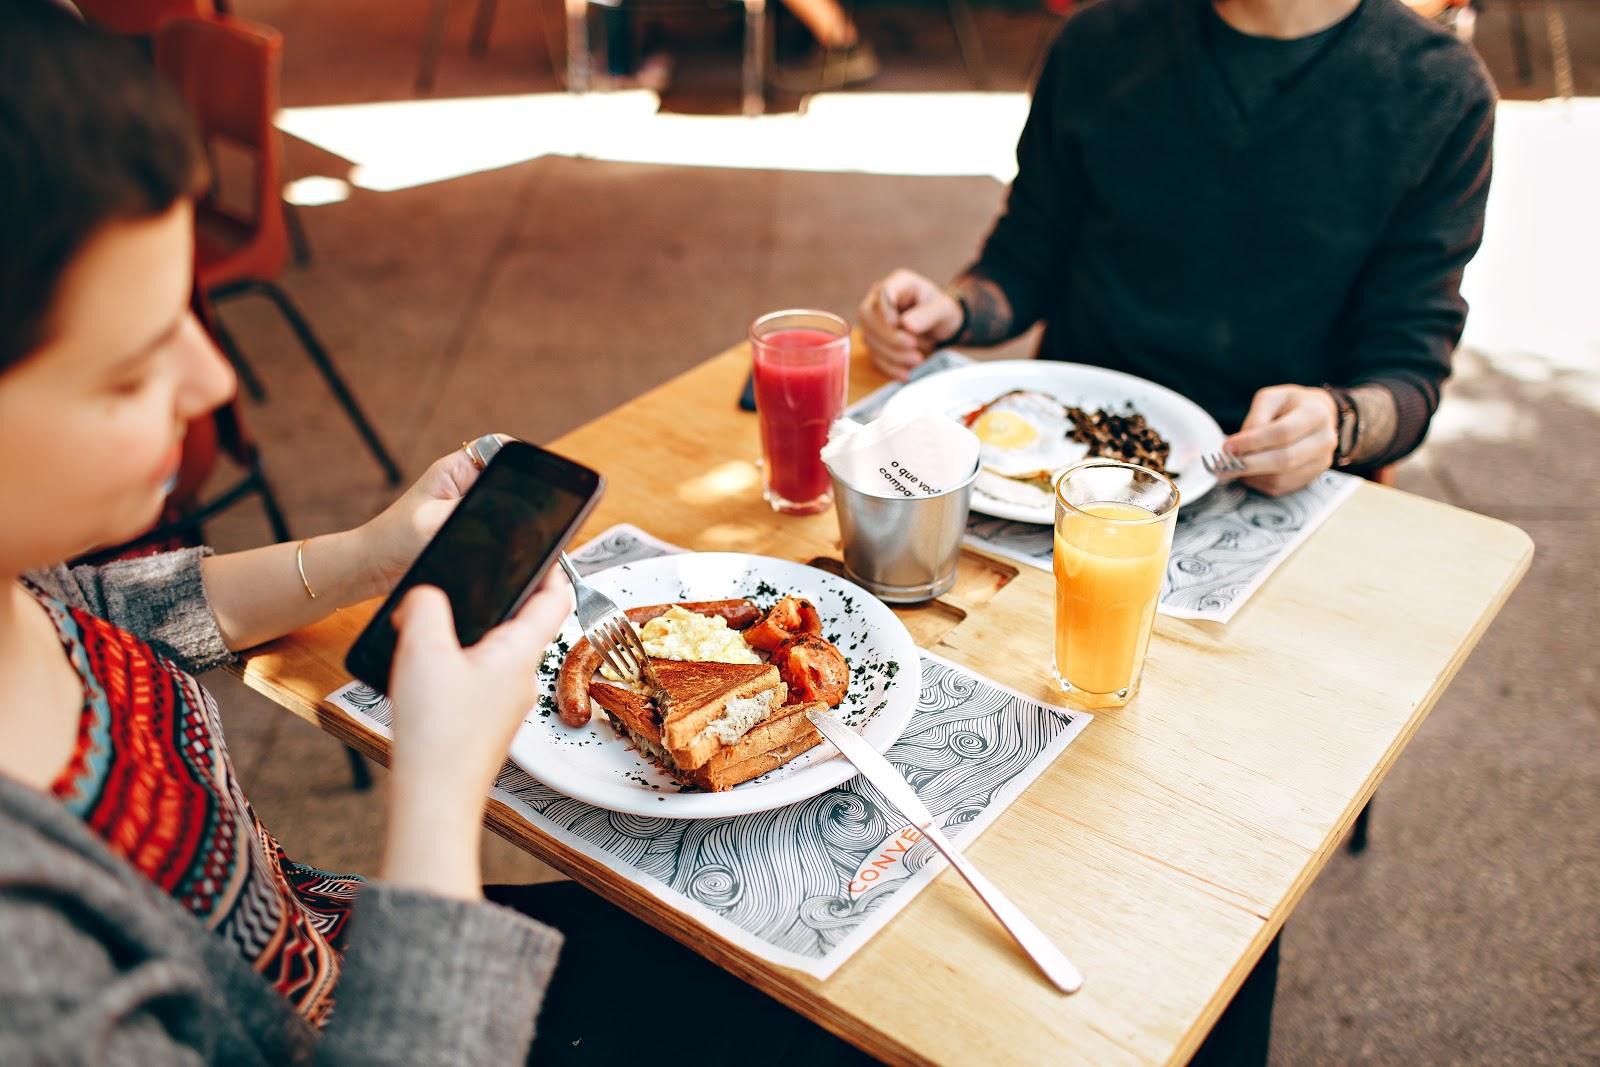 Não sabe o que pedir no restaurante? O Google Maps mostra os pratos mais populares